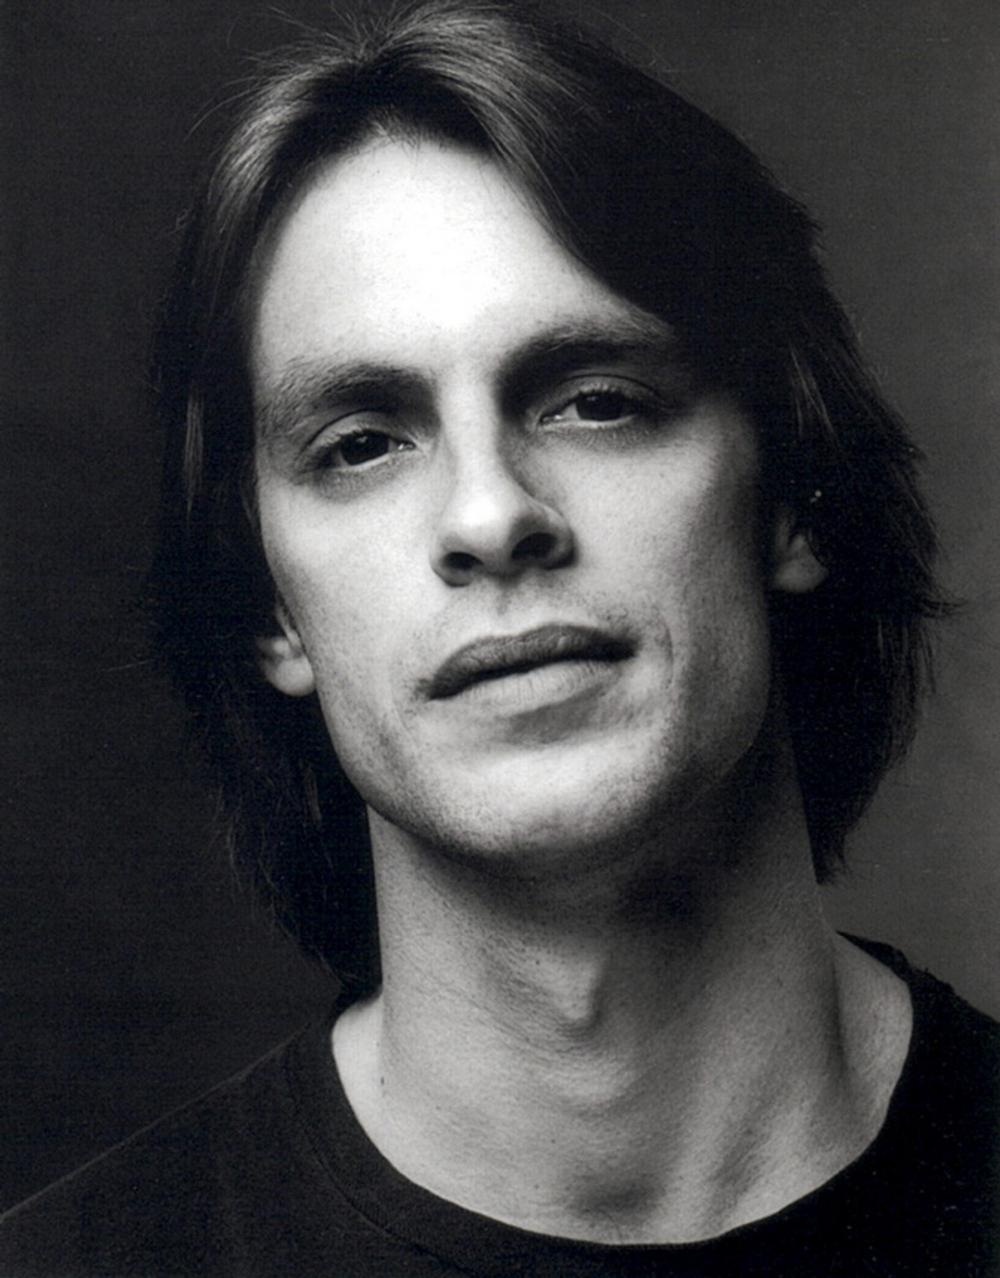 Грег Горман один из лучших в съёмке портретов знаменитостей и непревзойдённый мастер мужского ню 25